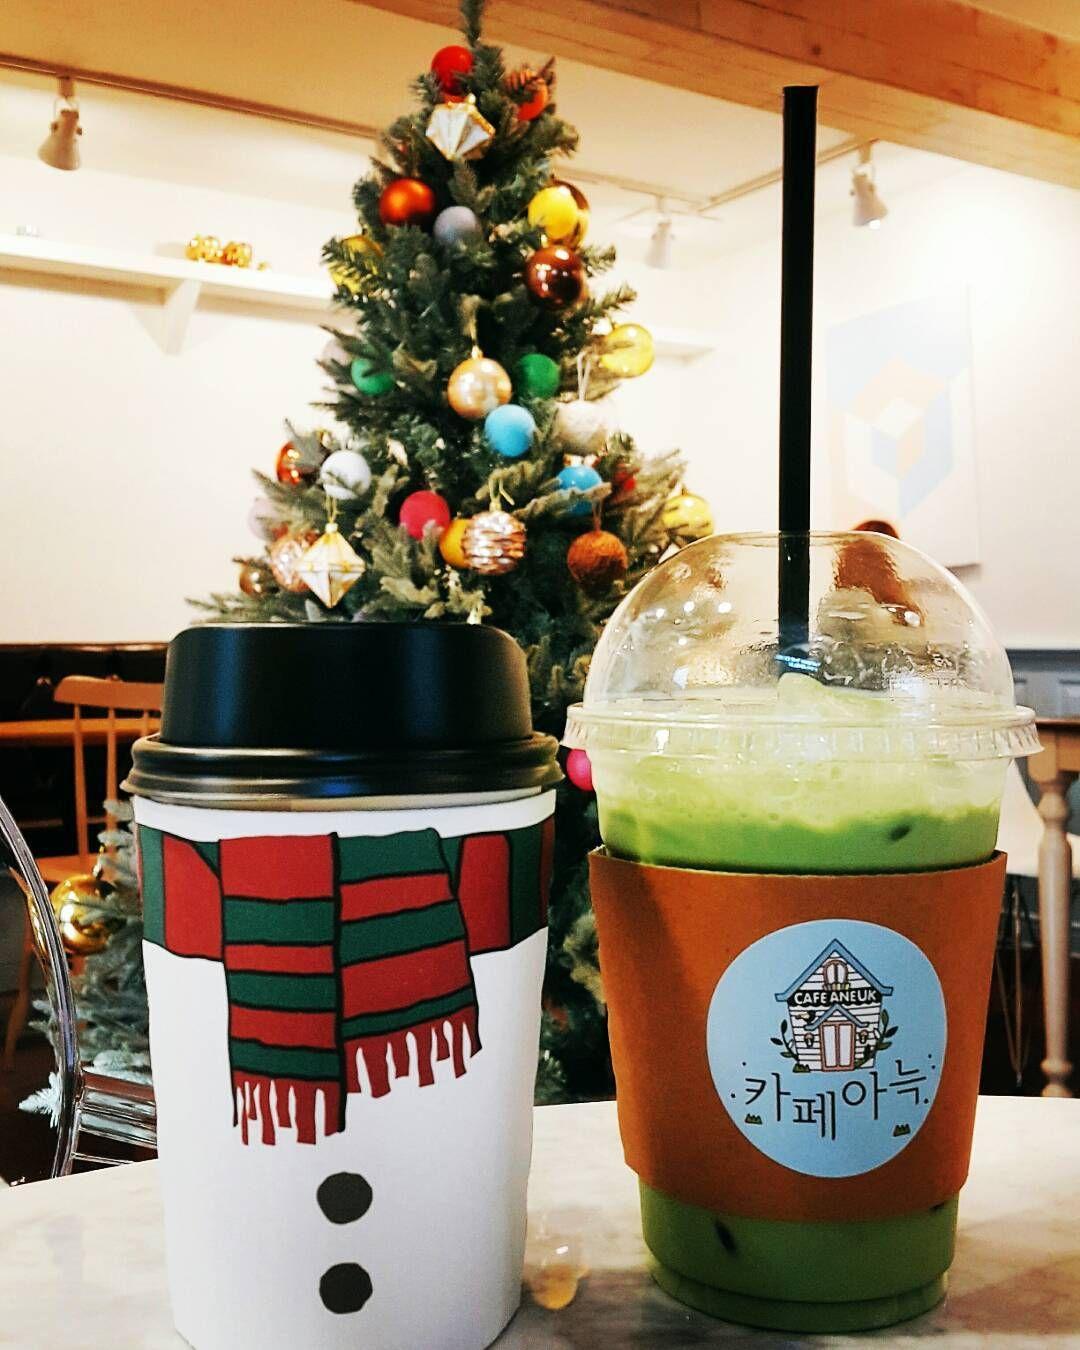 #이대카페 #카페아늑 #카페스타그램 #instacafe #coffee #녹차라떼 #크리스마스 분위기 한껏난다 #트리 #tree #weihnach...